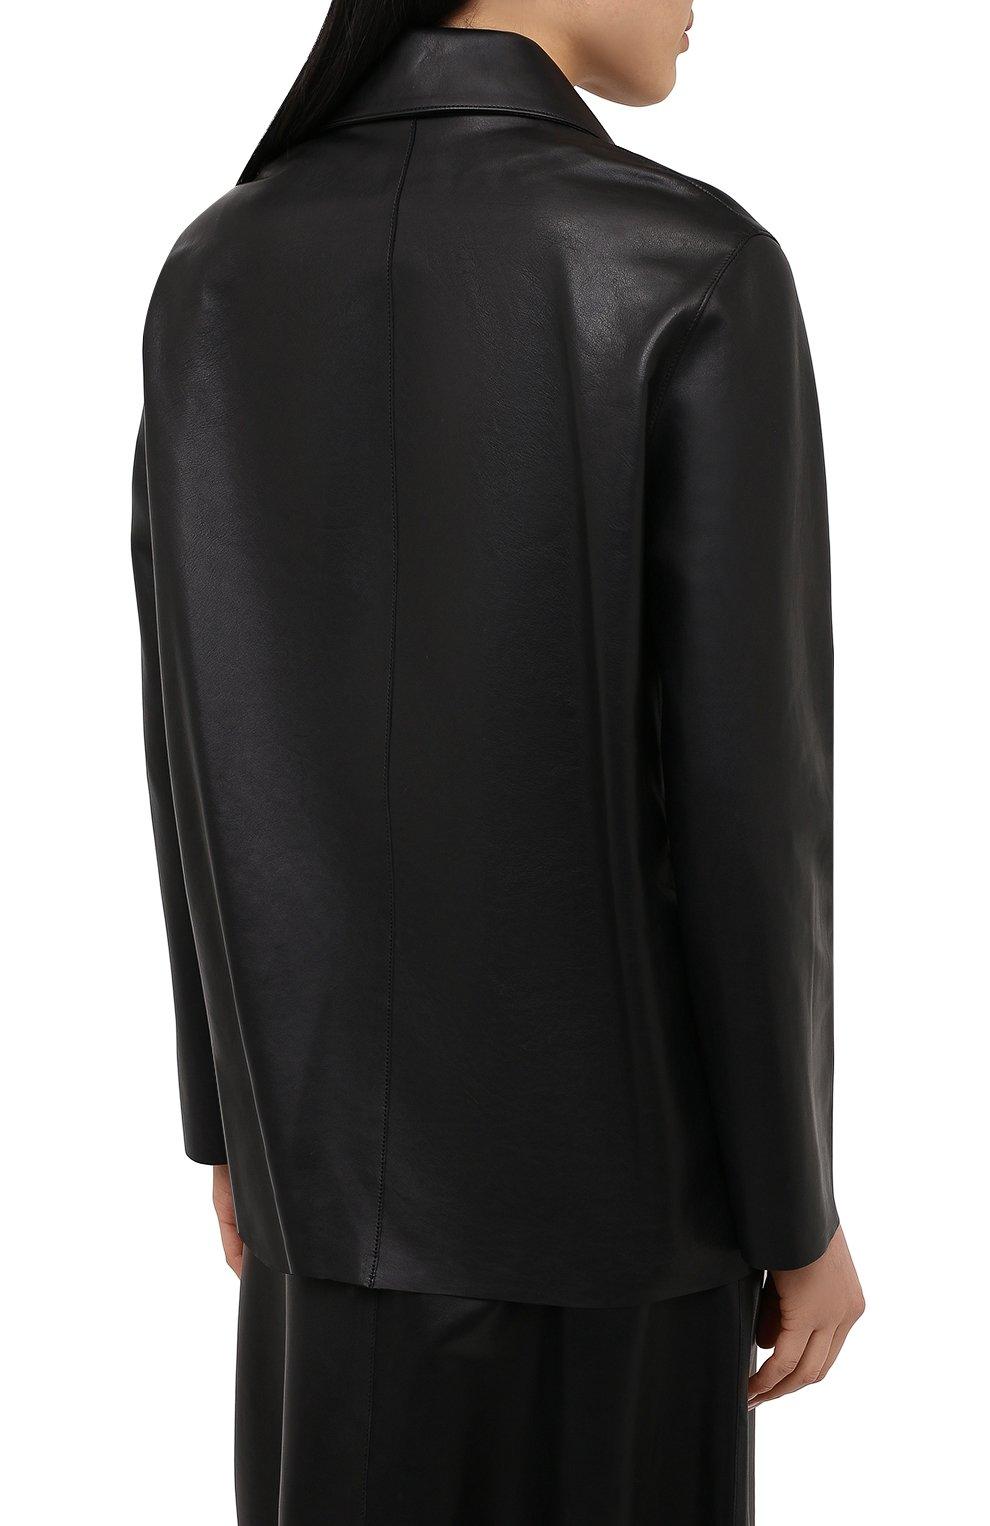 Женский кожаный жакет INES&MARECHAL черного цвета, арт. GRAINE CUIR AGNEAU SINTRA   Фото 4